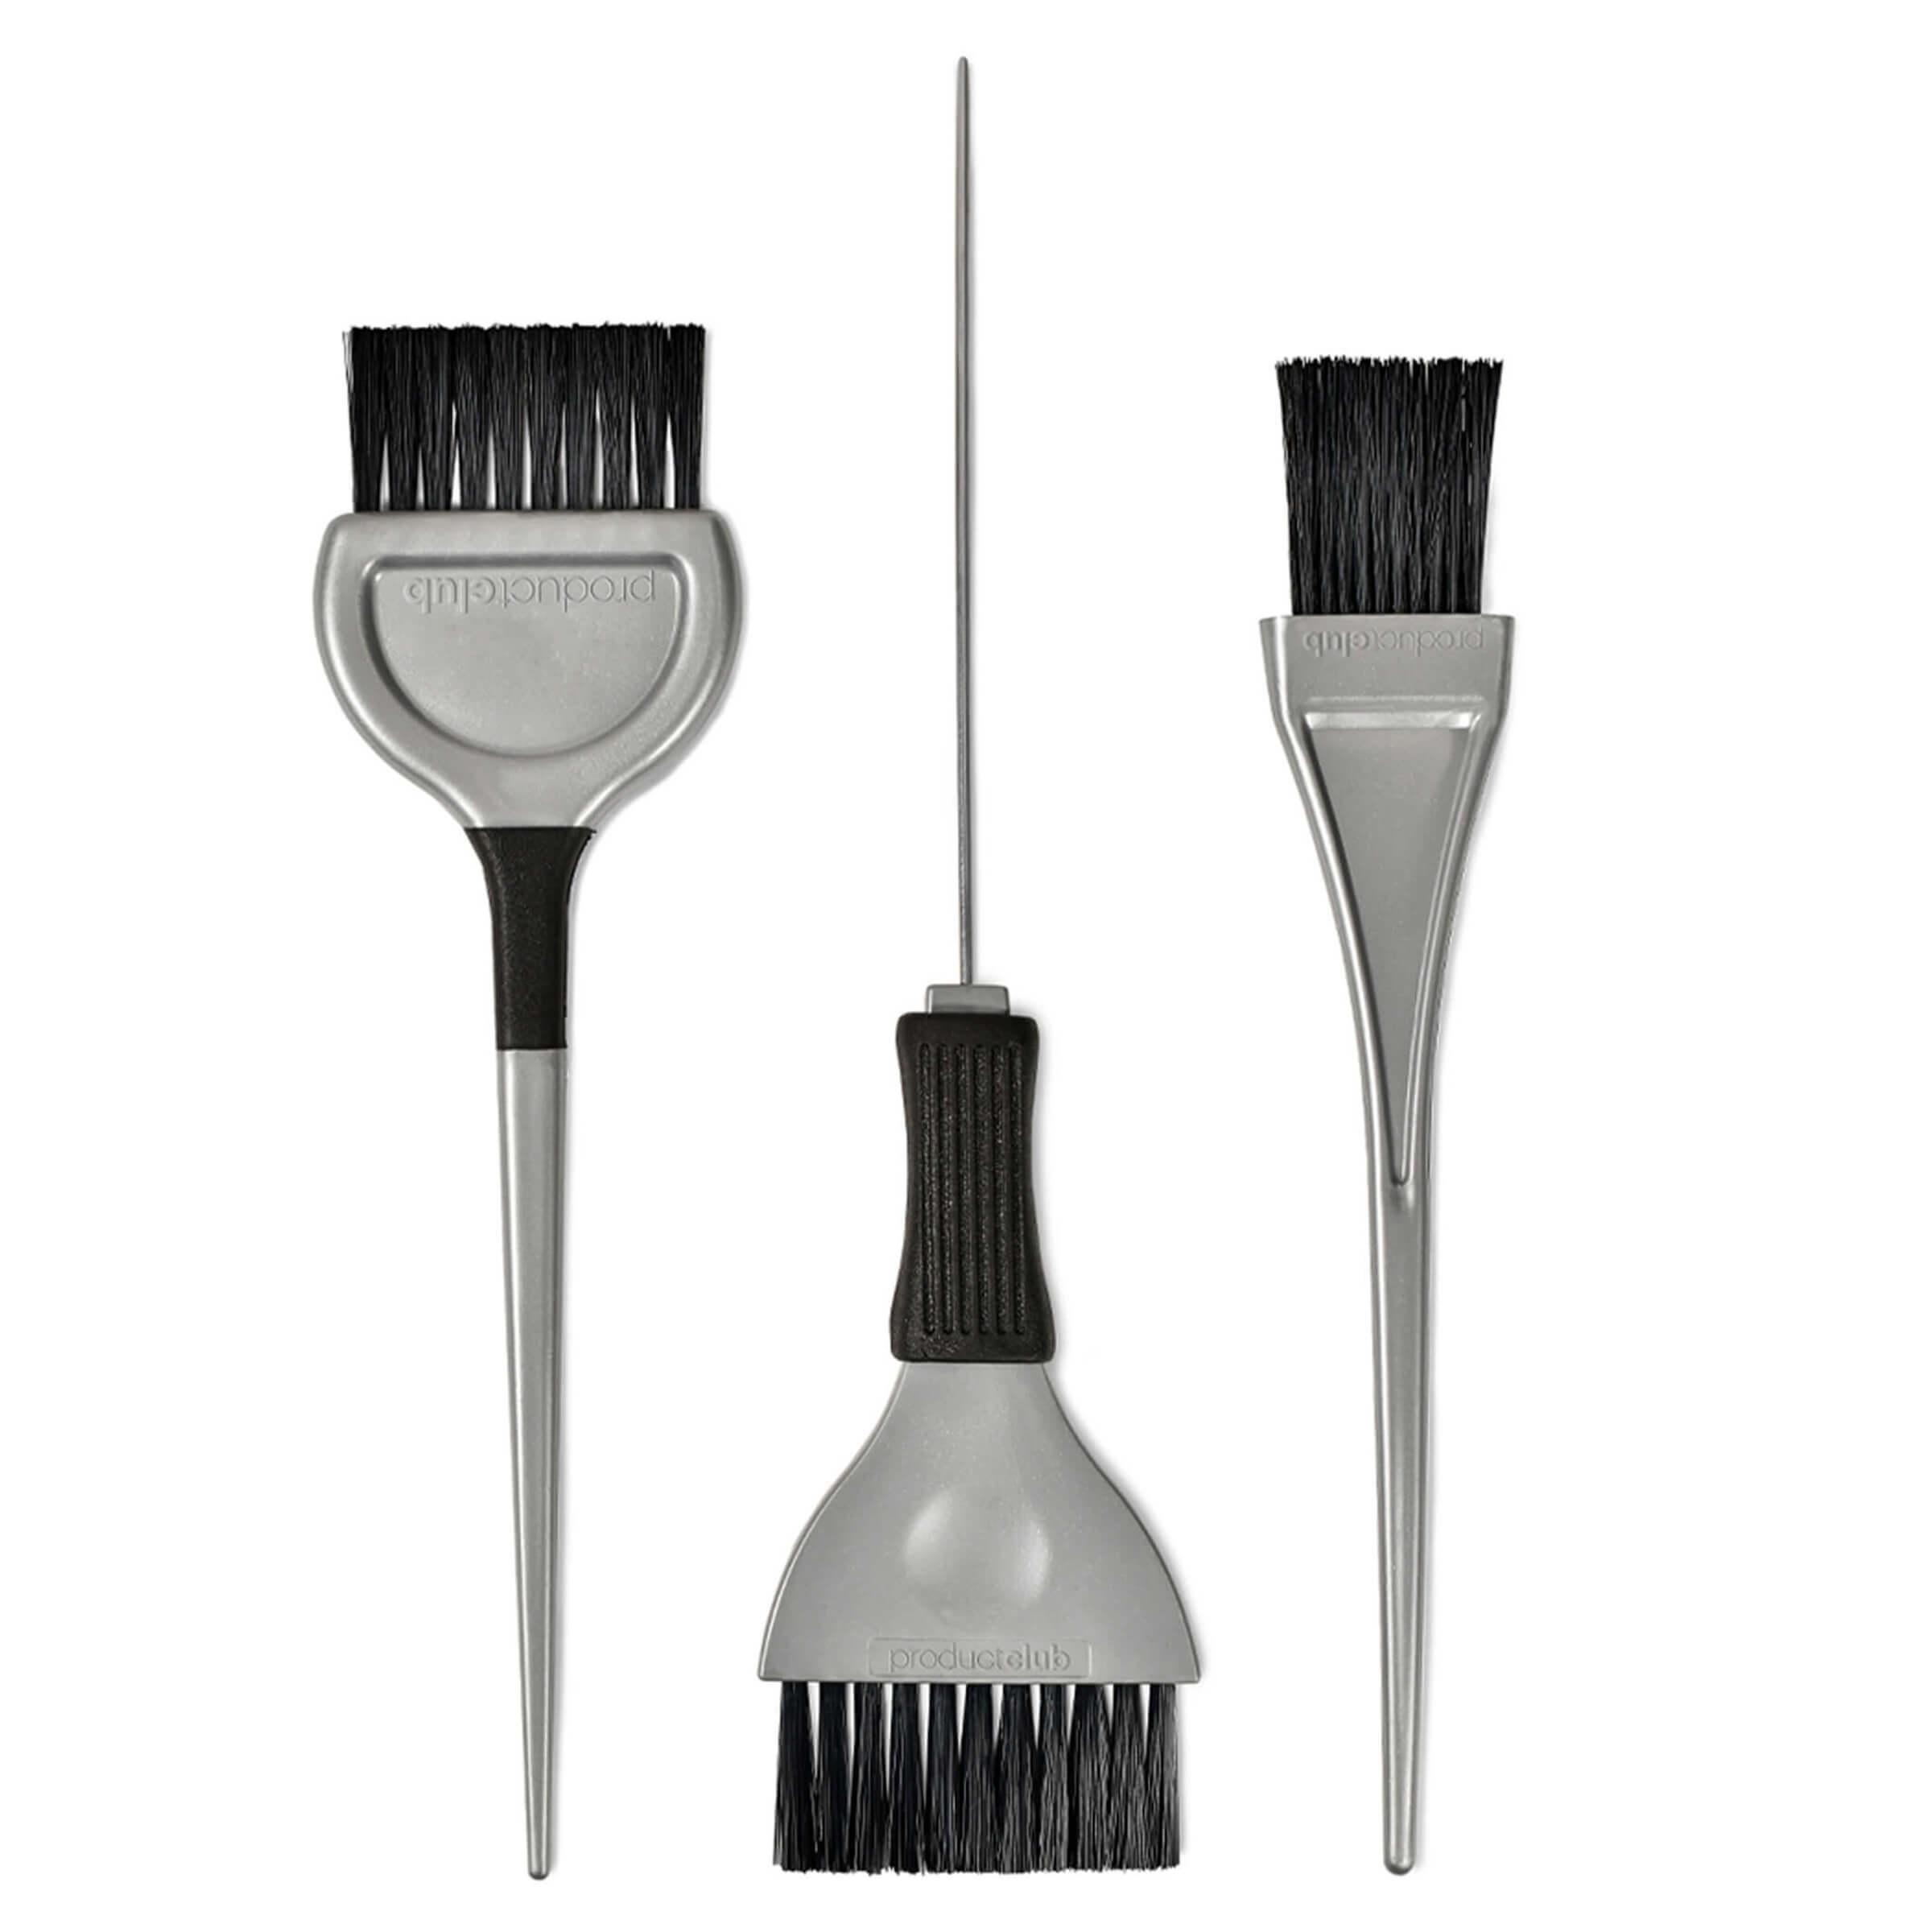 CBVAR Variety Hair Dye Brushes